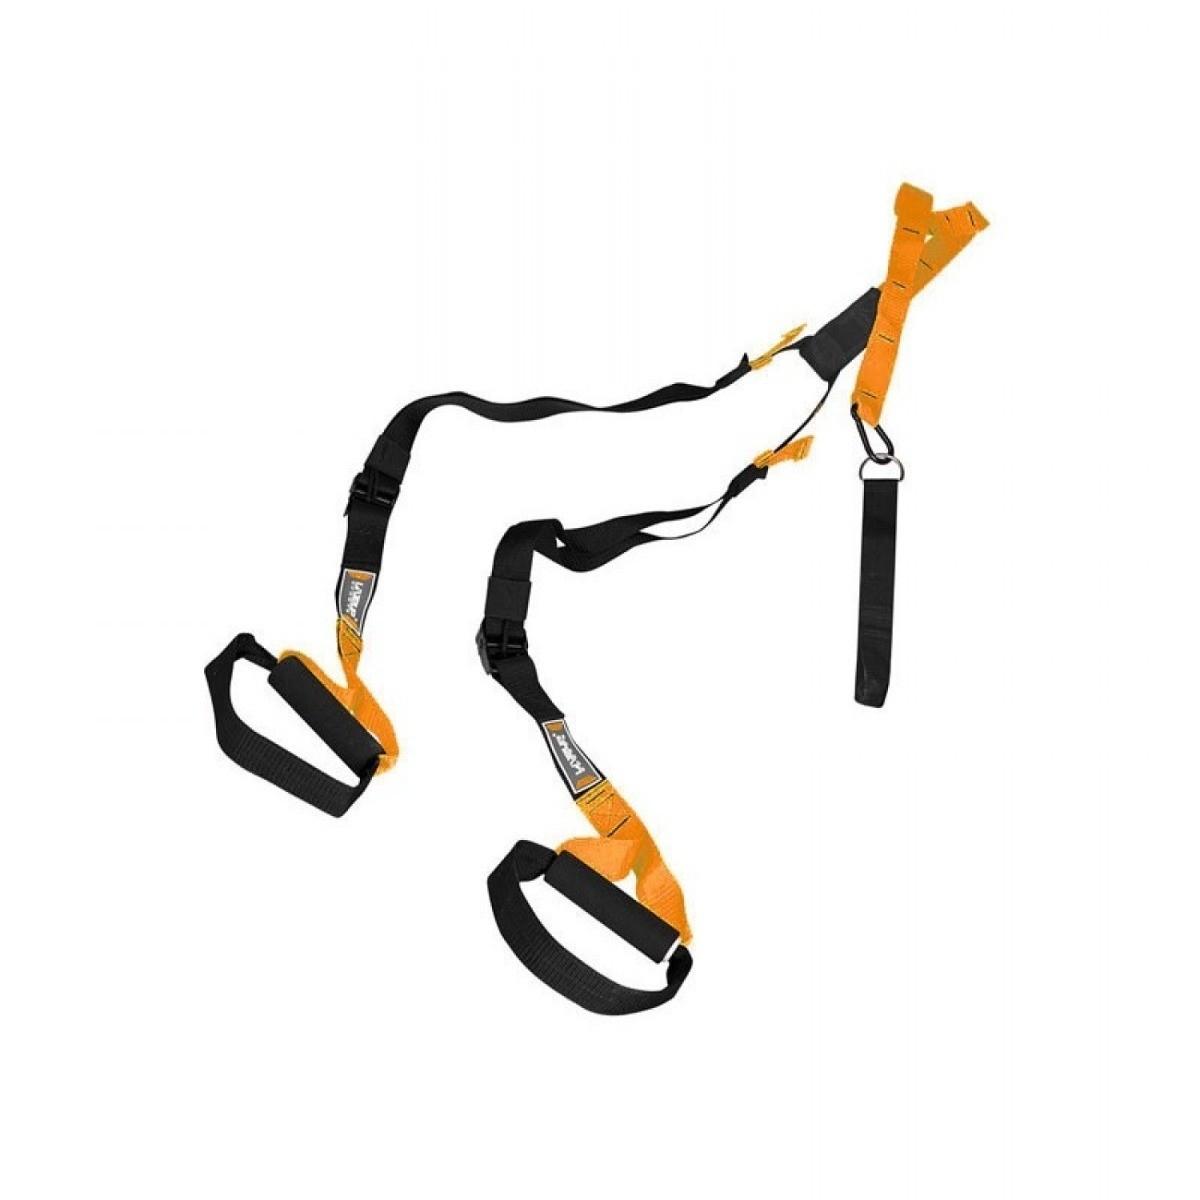 Fita Treinamento Suspenso Suspensão Pilates Tipo Trx Liveup